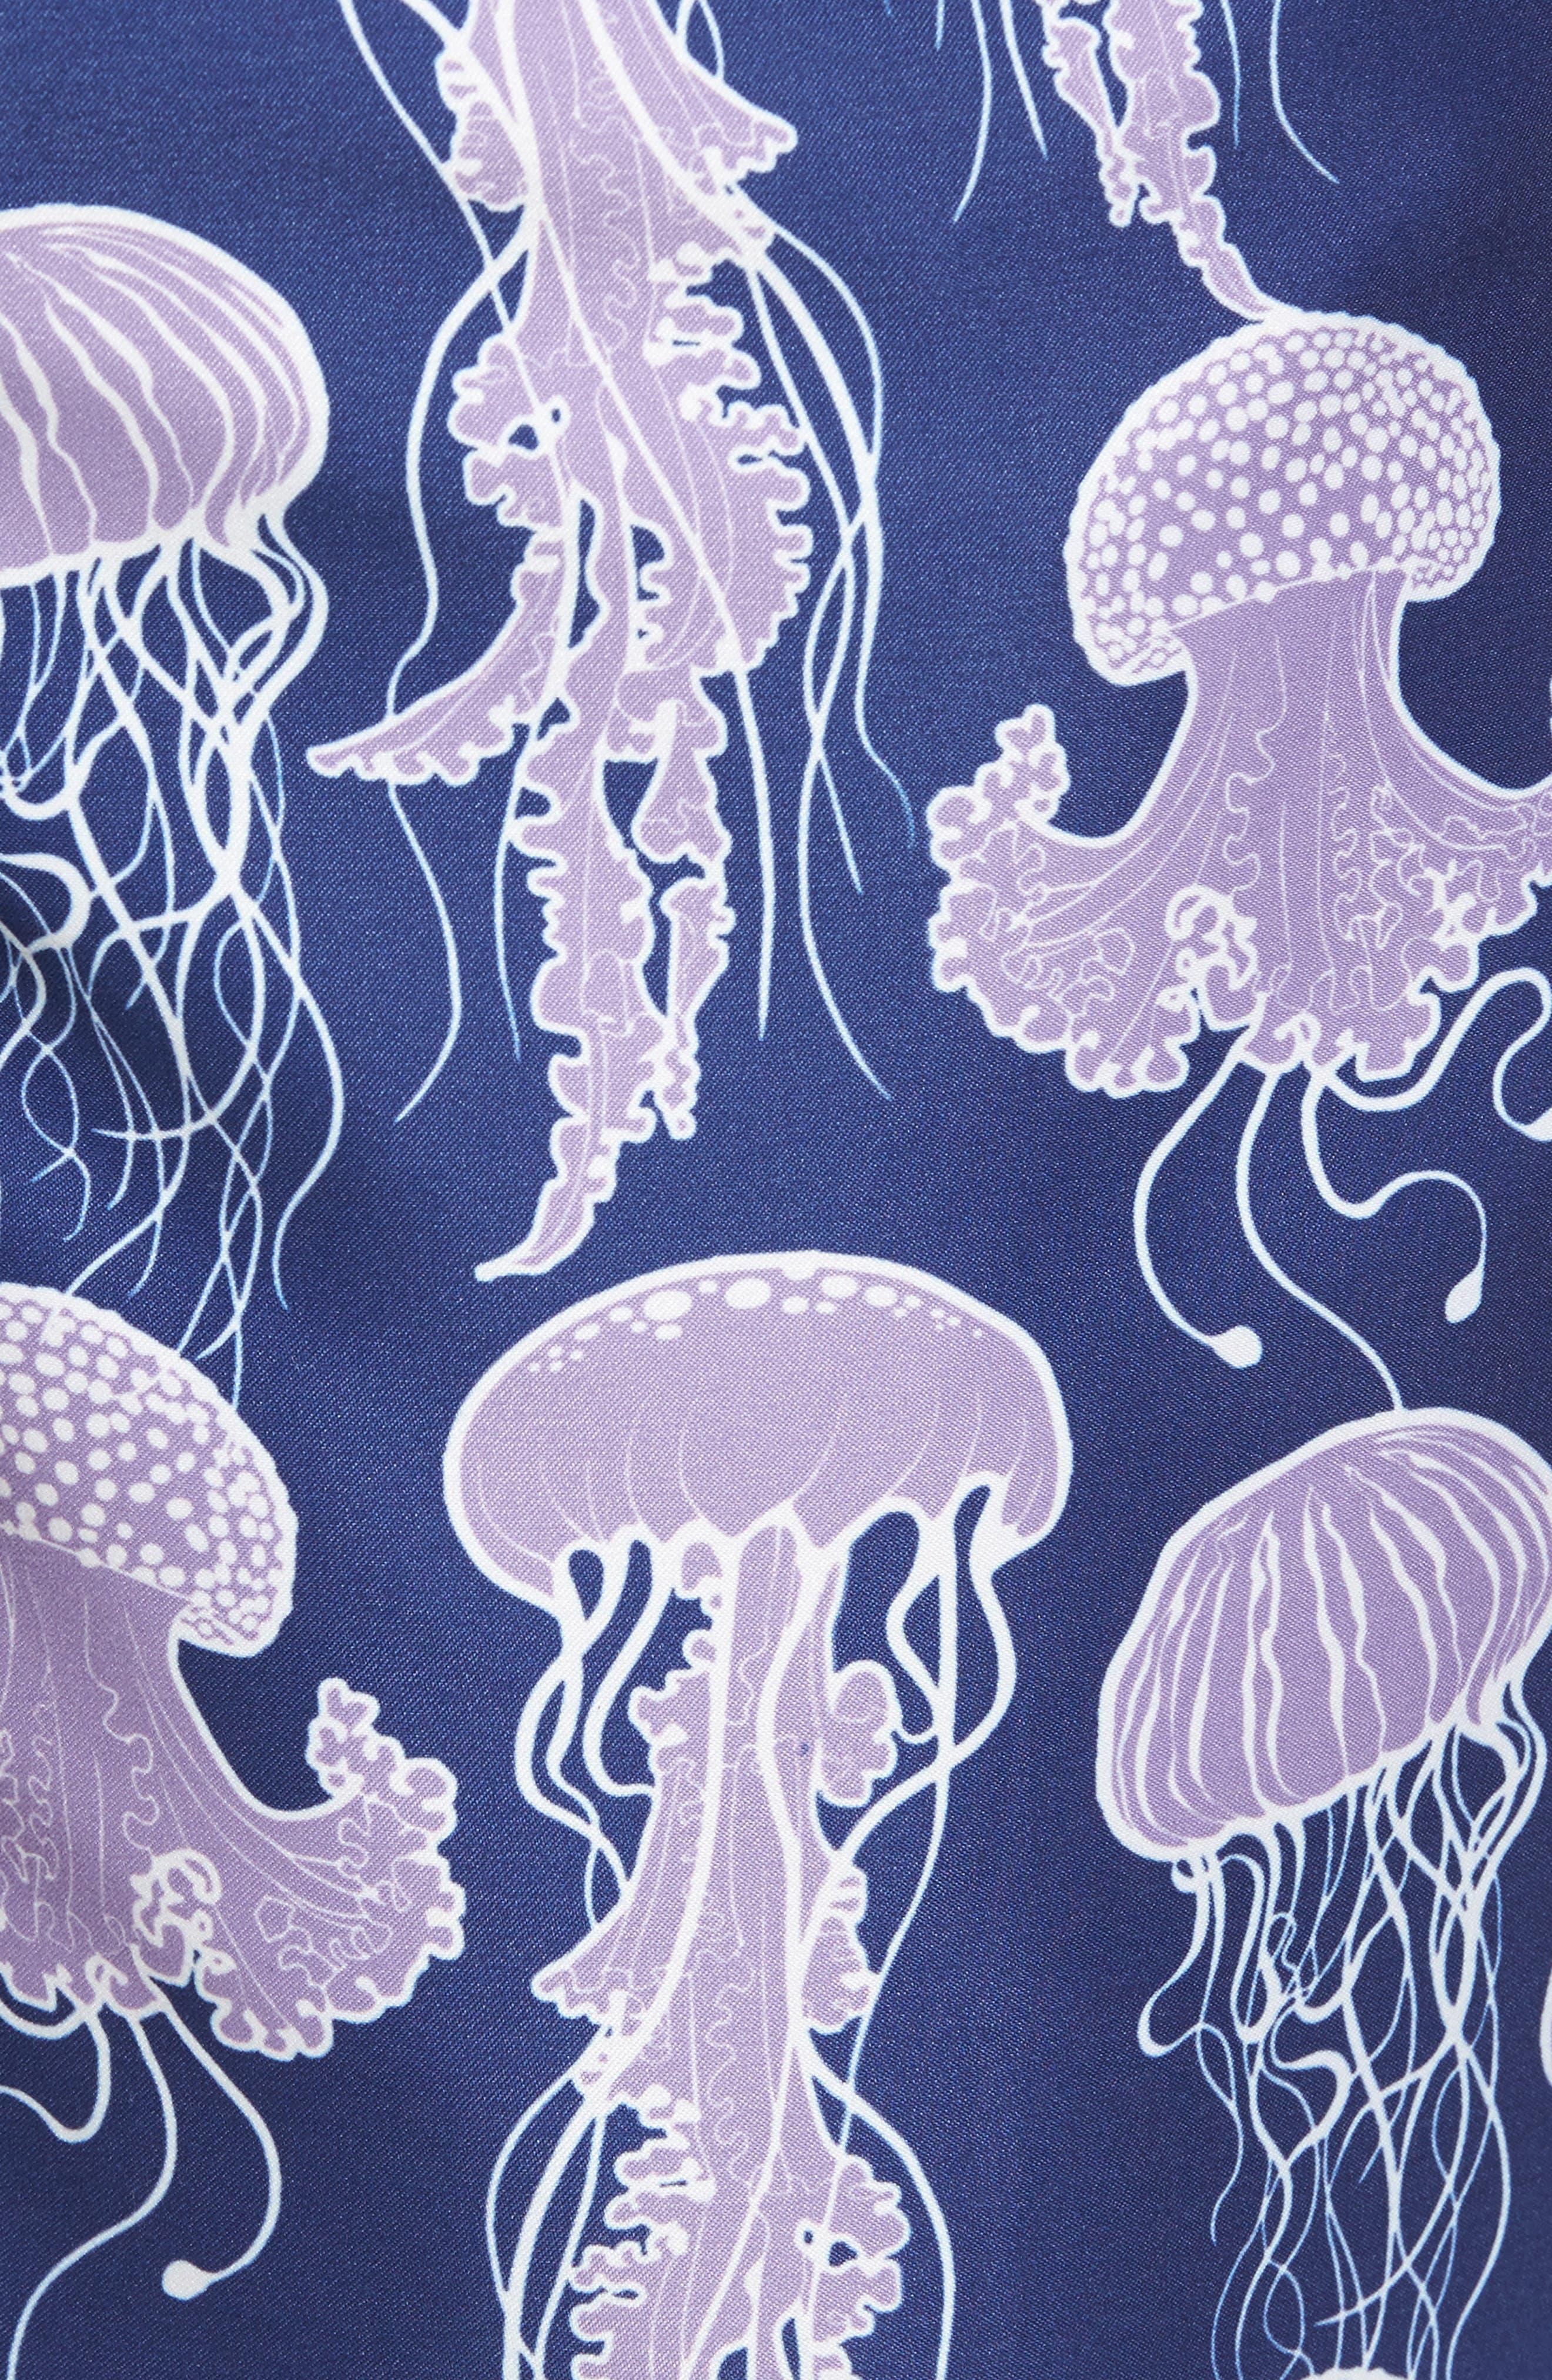 Jelly Fish Swim Trunks,                             Alternate thumbnail 5, color,                             Grape